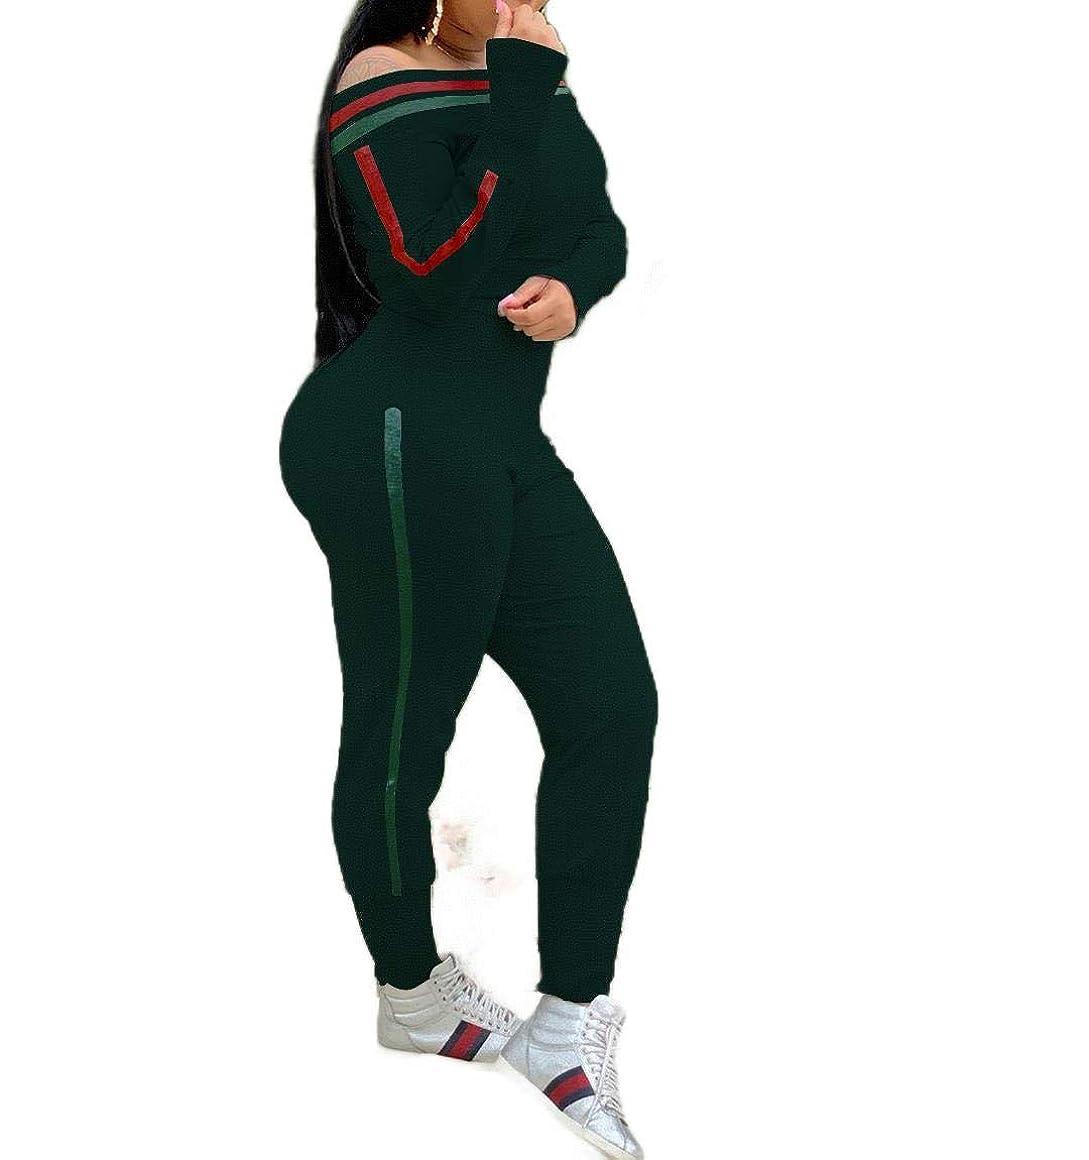 酸っぱいオークション一元化するWomens Off Shoulder Top and Workout Pants Sweatsuit 2-Piece Suit